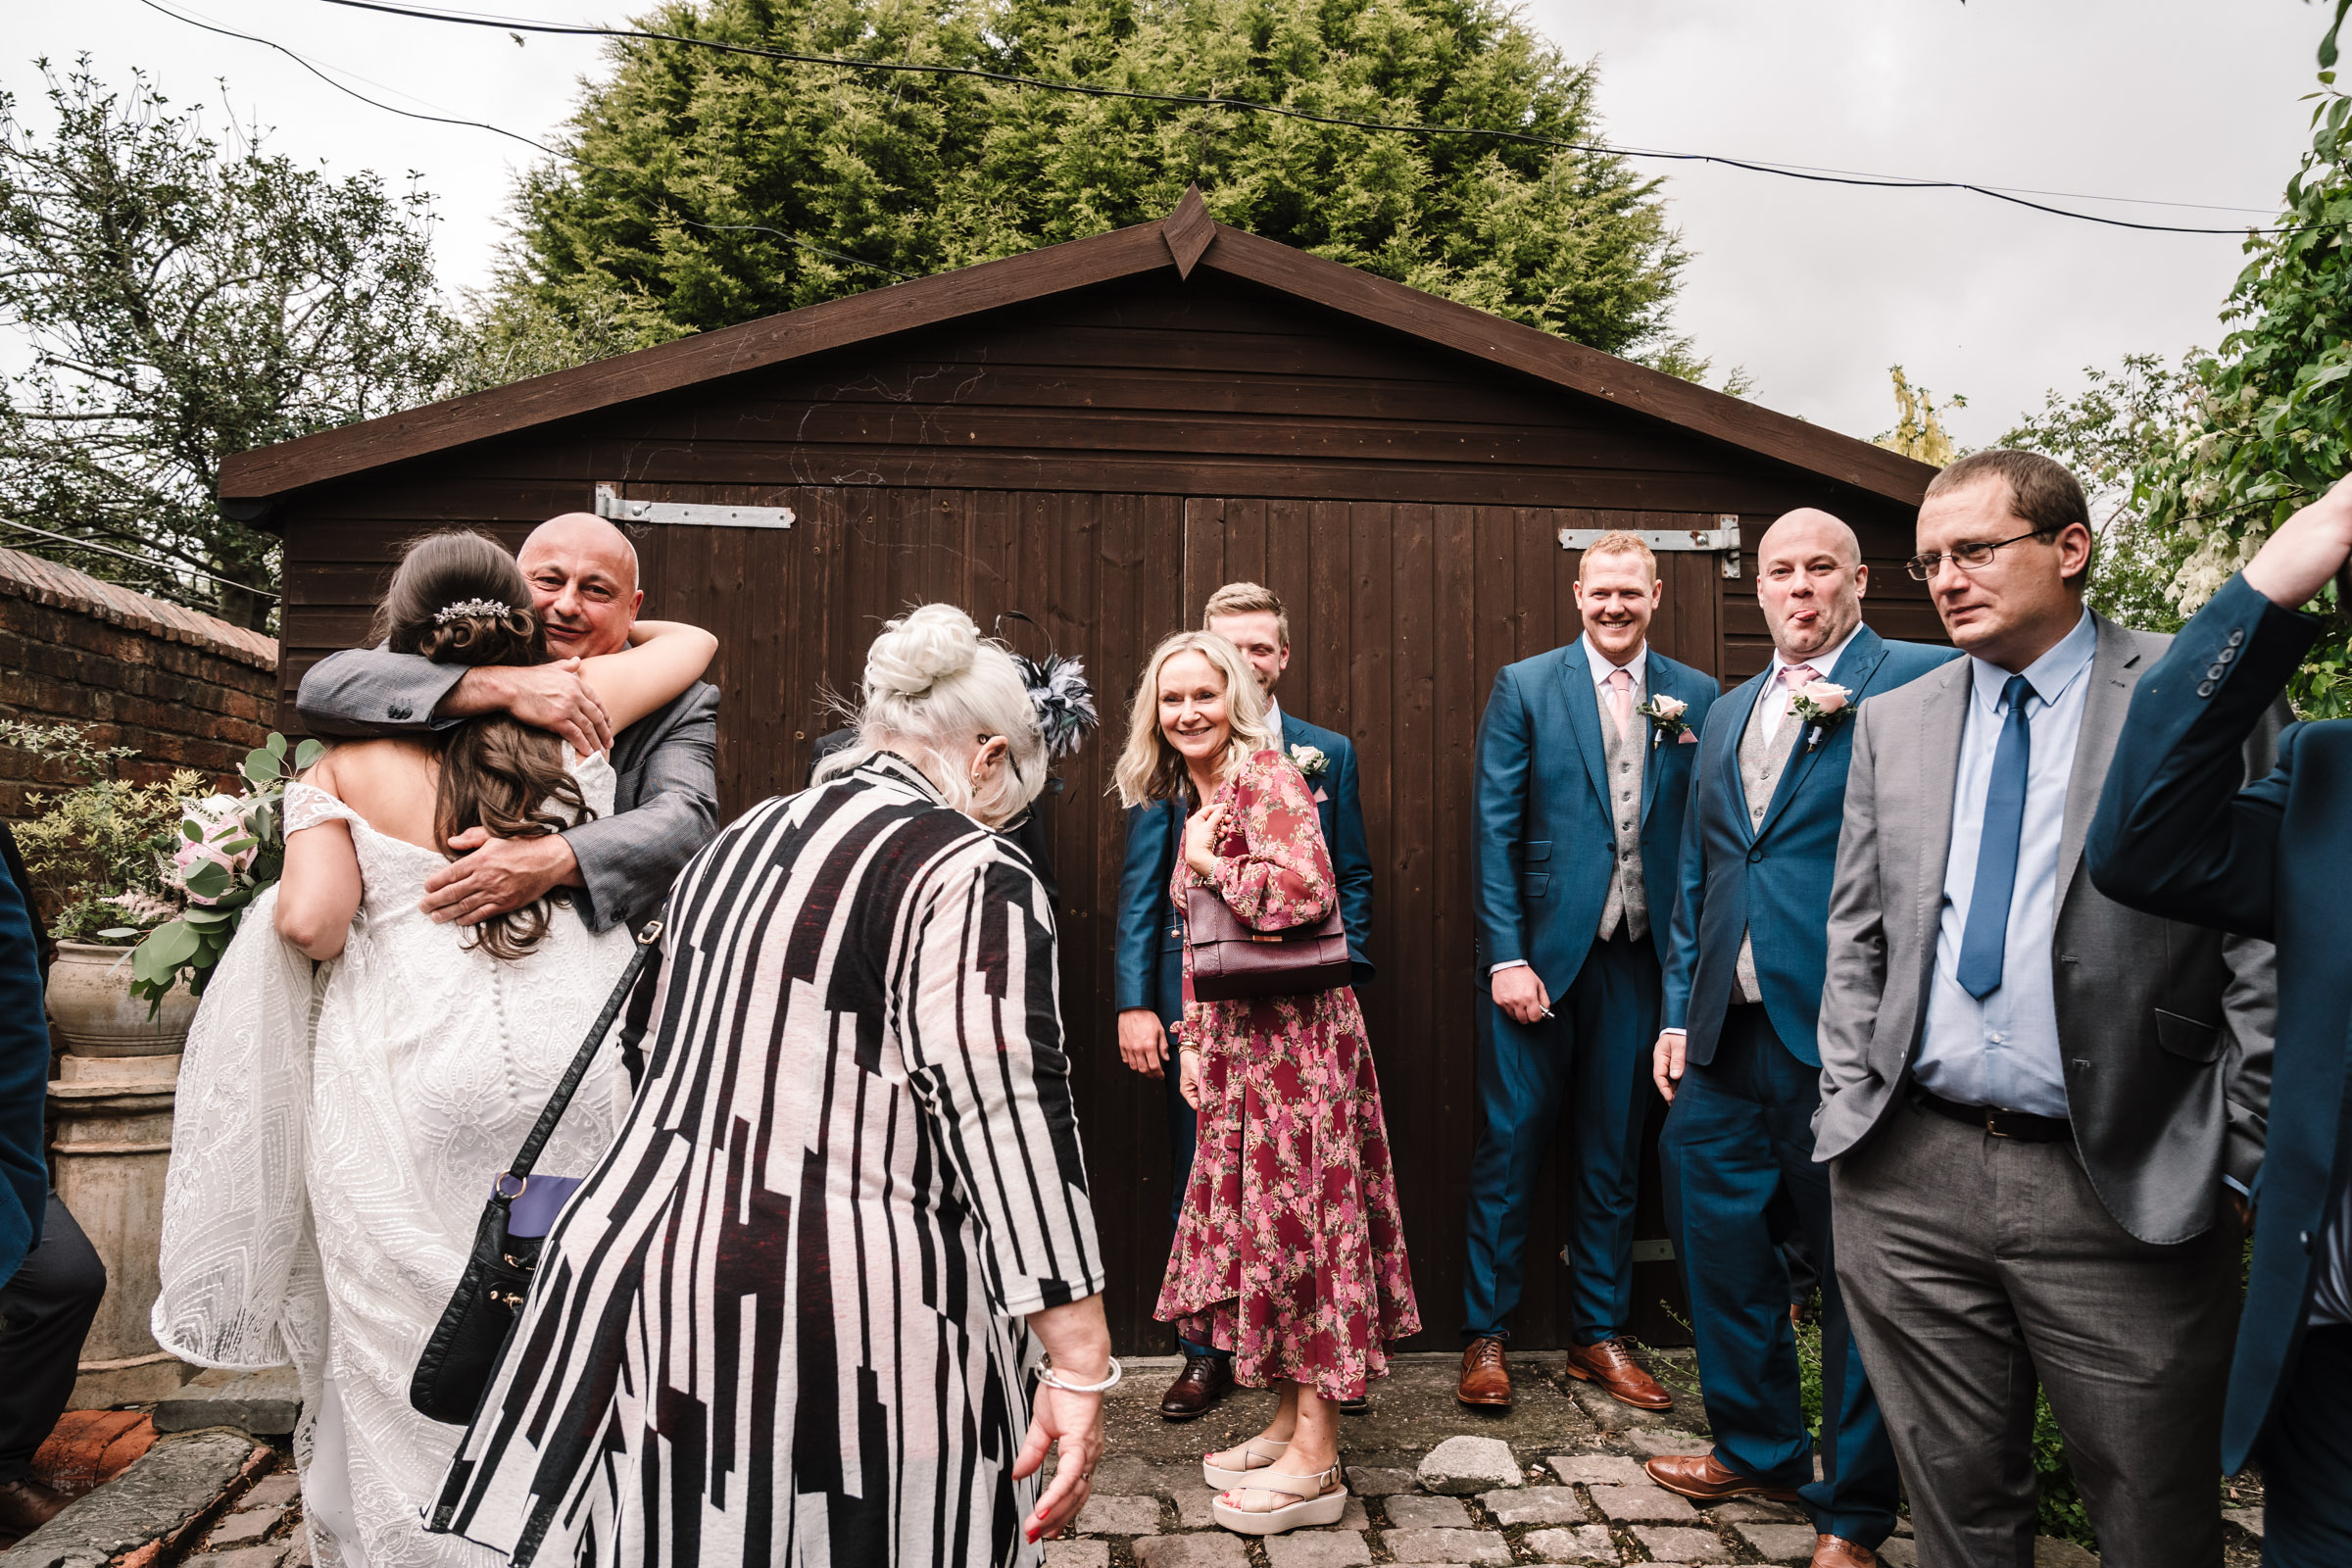 Wedding guests congratulating bride, royal arms wedding